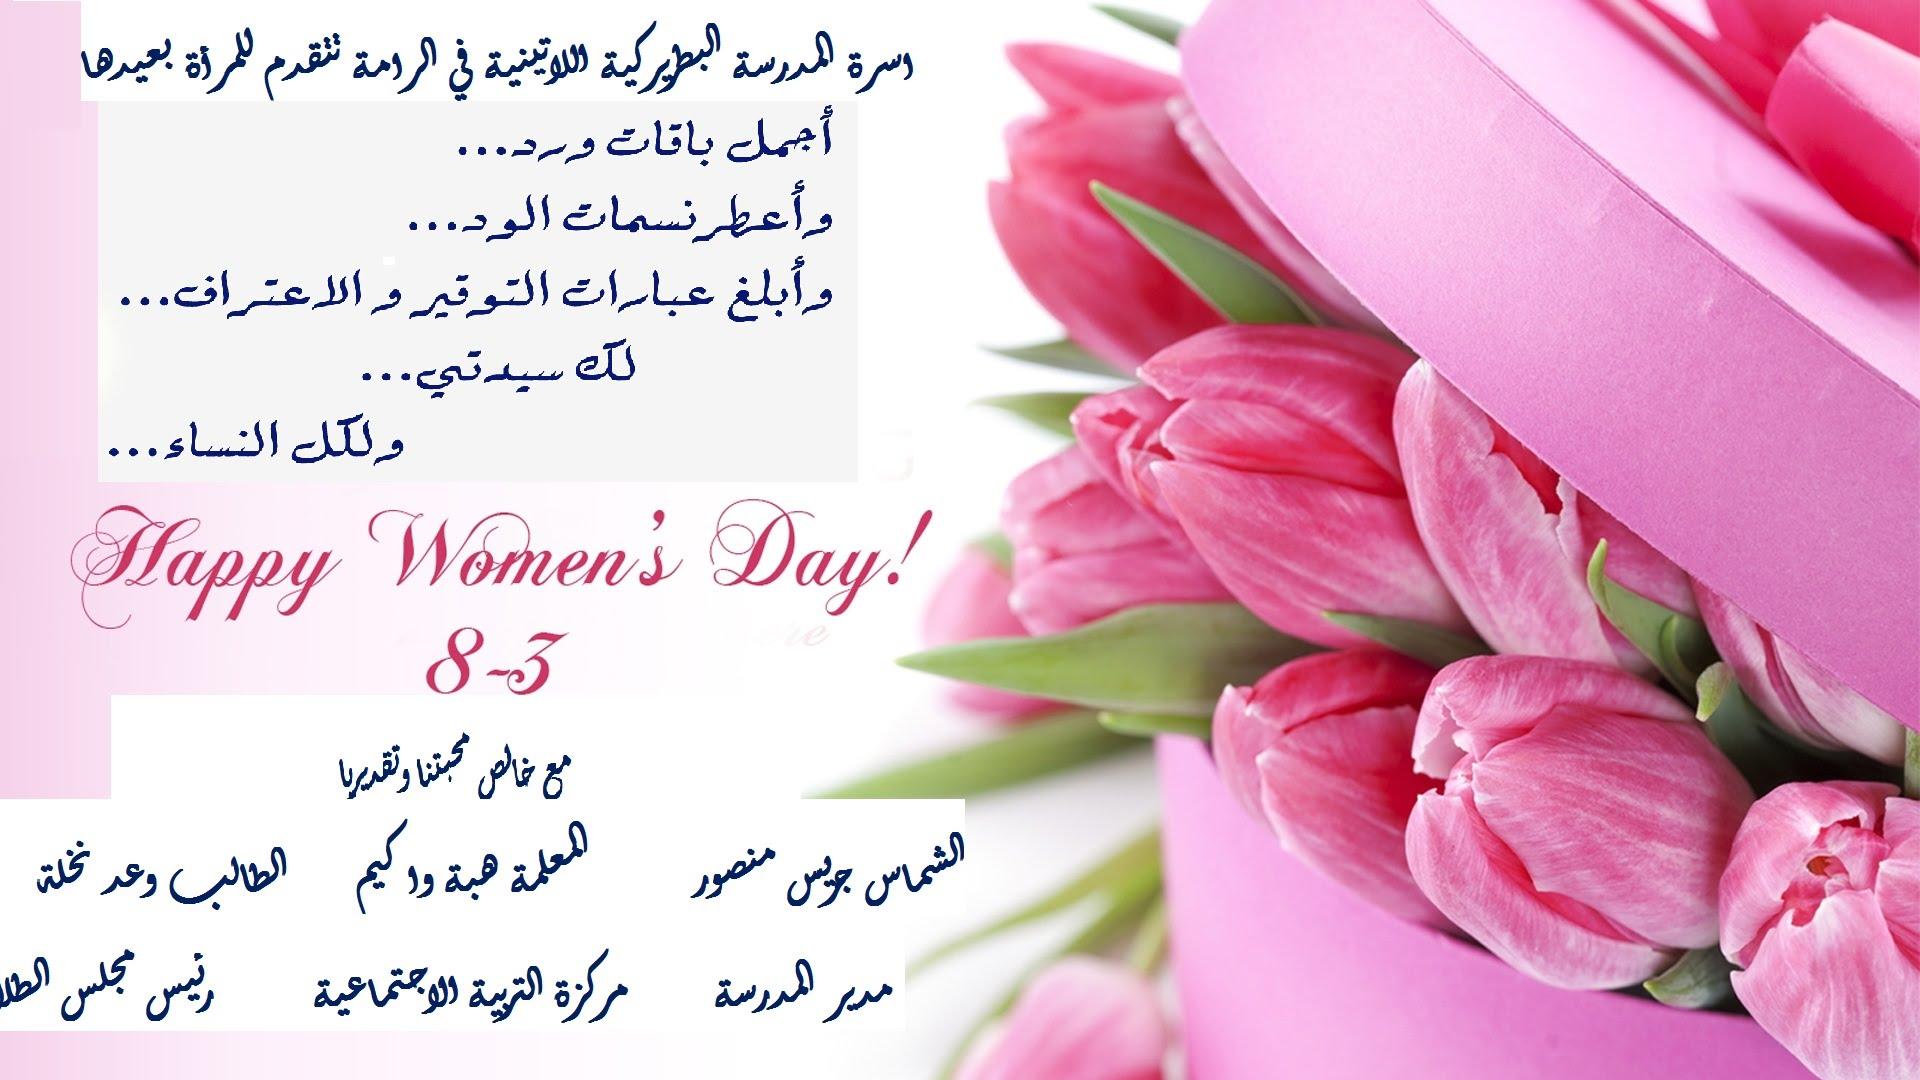 بالصور كلمات عن يوم المراة العالمي , عبارات بمناسبة الاحتفال بيوم المراة العالمى 3086 7